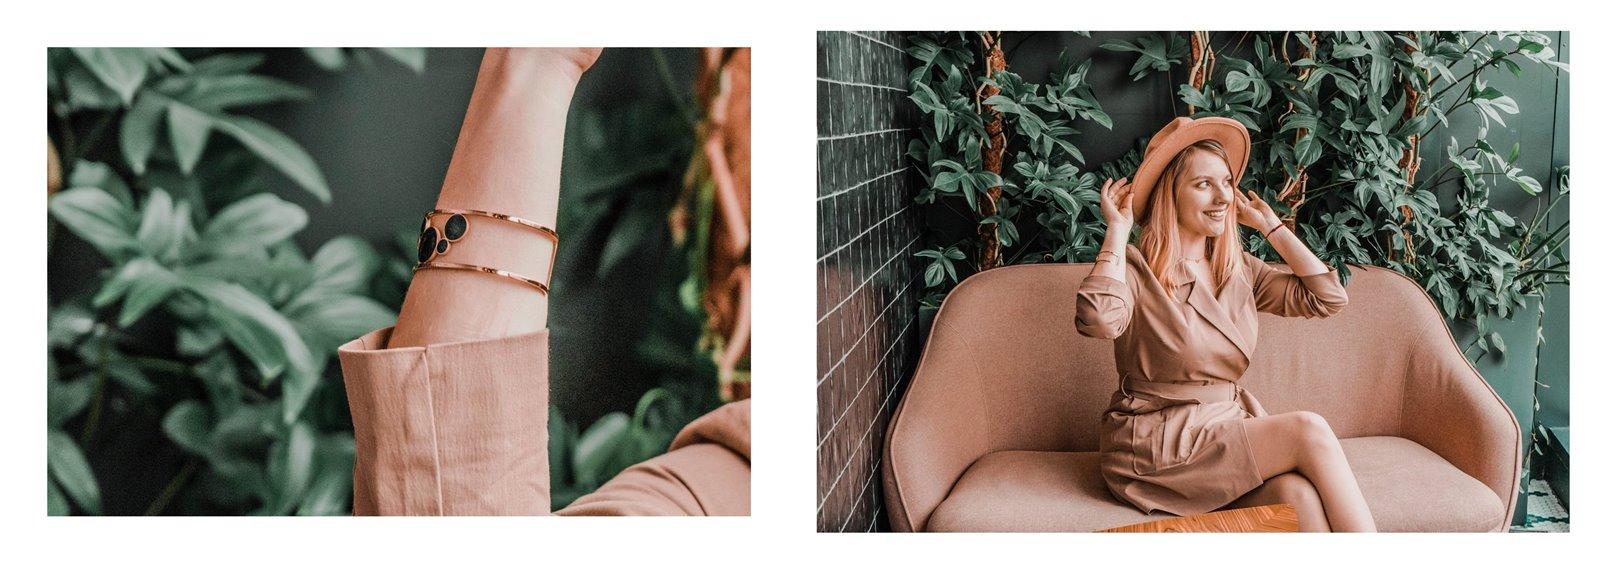 2a nakd sukienka julia wieniawa kolekcja ubrań cena gdzie kupić sukienka trendy na wiosnę 2019 sukienka o kroju płaszcza jak nosić kapelusz złota biżuteria apart torebka asos outlet satisfashion ocena jakość opinie łódź